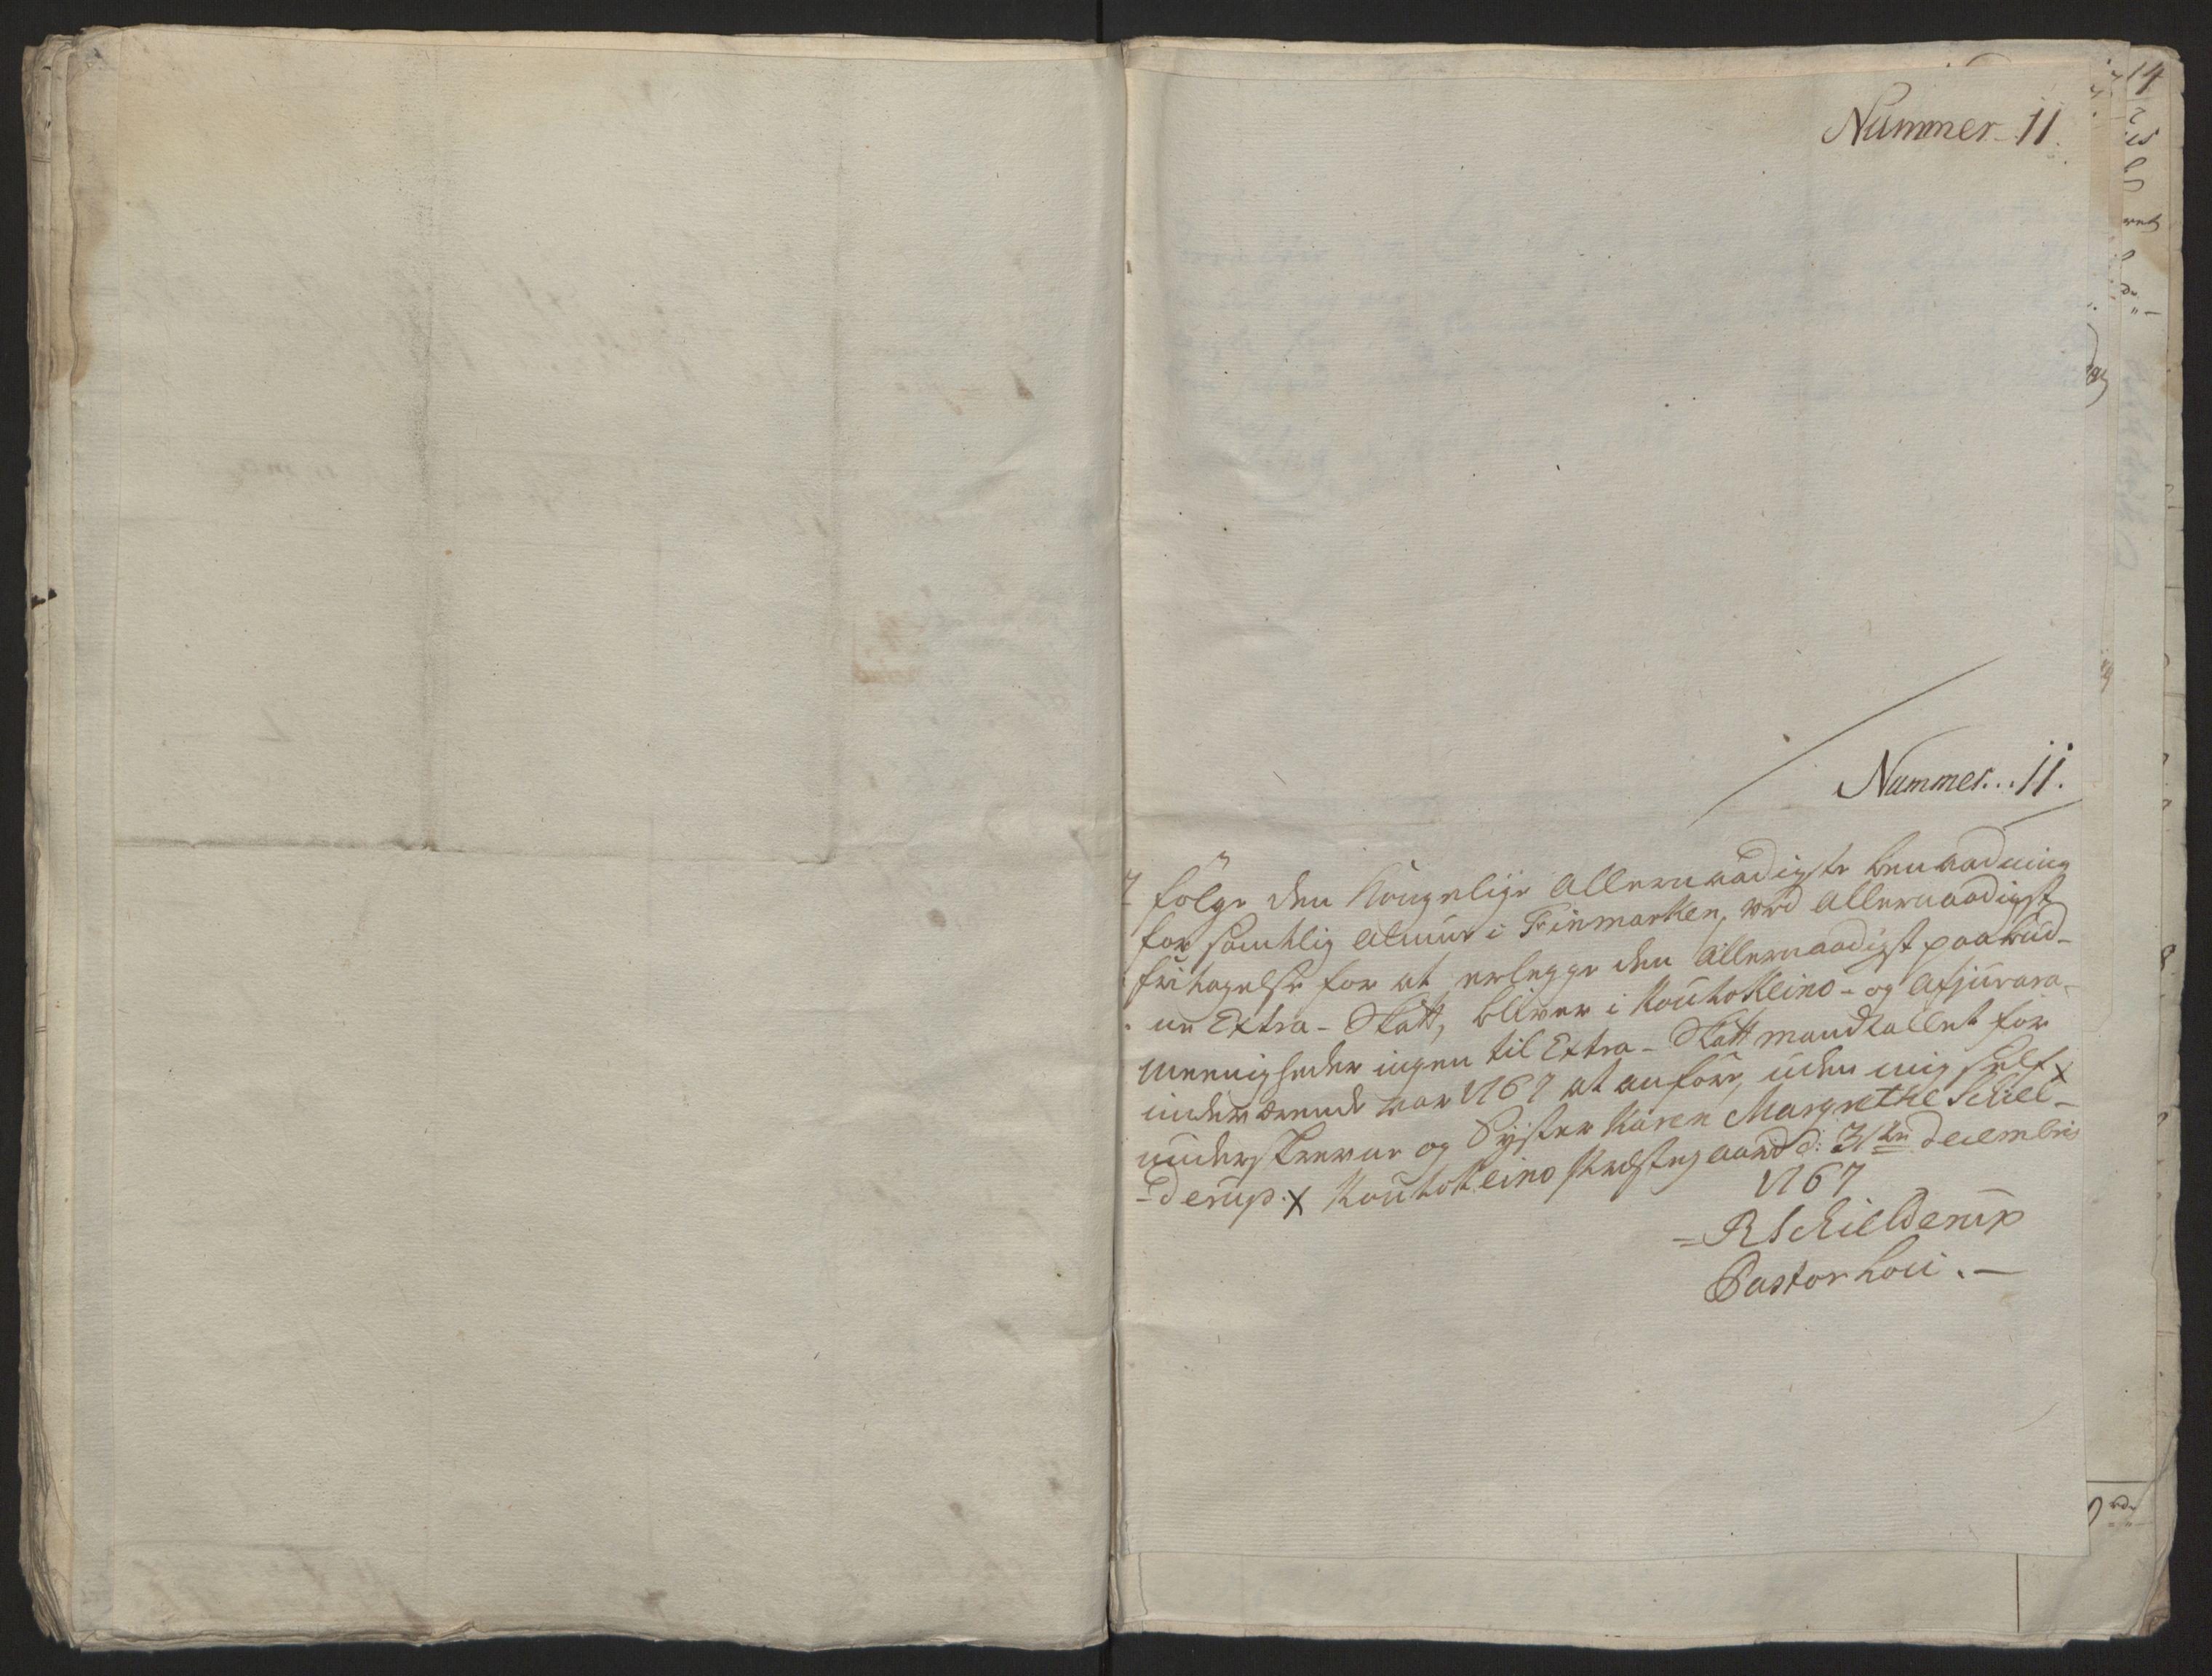 RA, Rentekammeret inntil 1814, Reviderte regnskaper, Fogderegnskap, R69/L4910: Ekstraskatten  Finnmark/Vardøhus, 1762-1772, s. 233